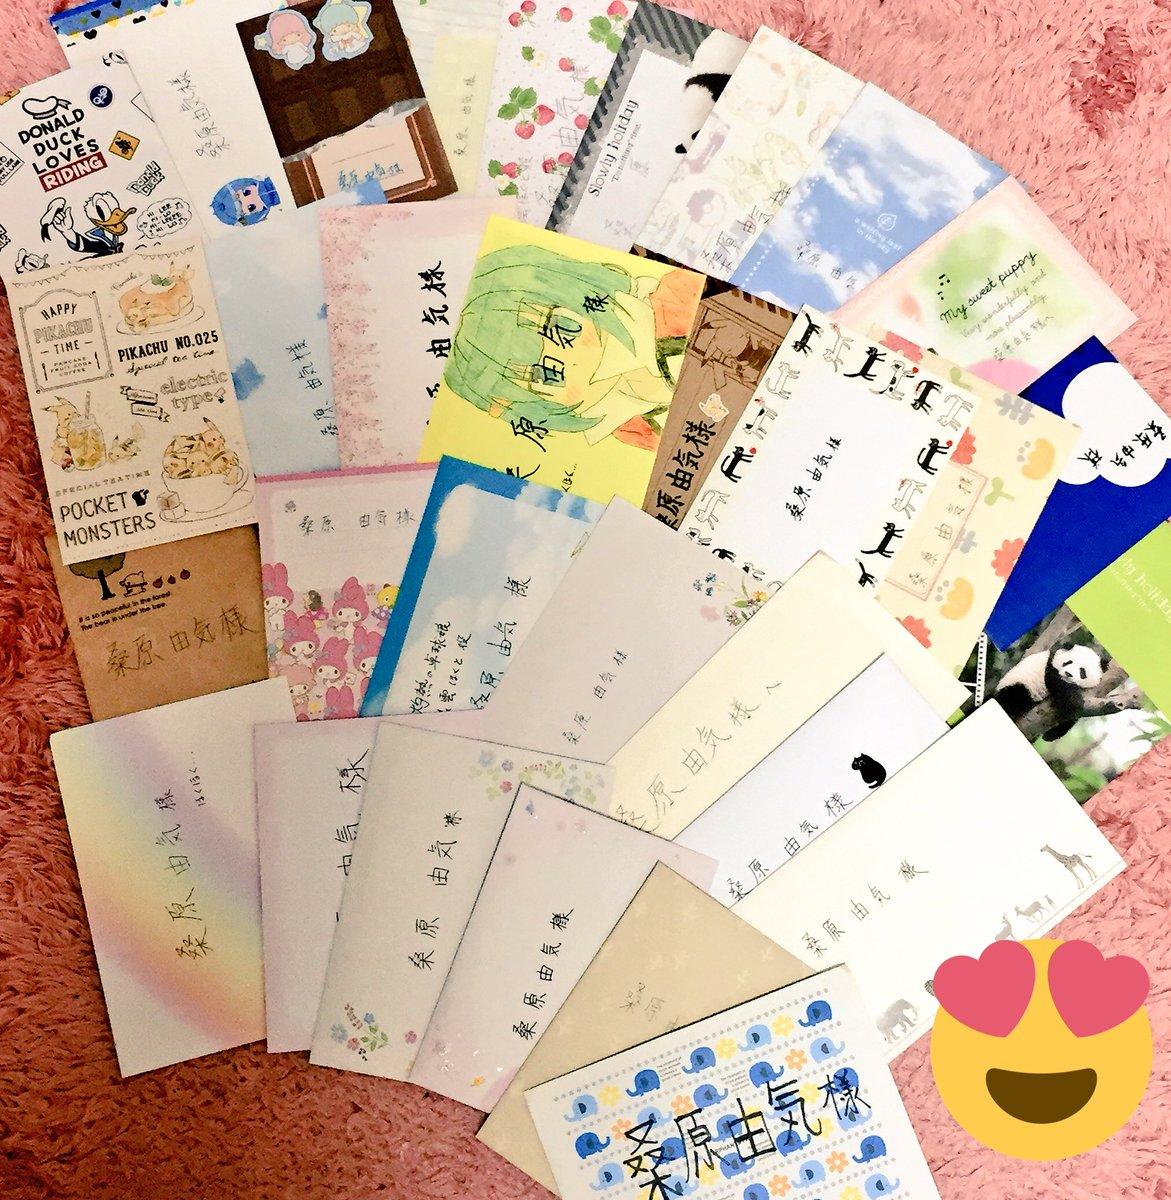 大変遅くなってしまいましたが #卓球娘 イベントでたくさんのプレゼントやお手紙ありがとうございました!いつも本当に本当に